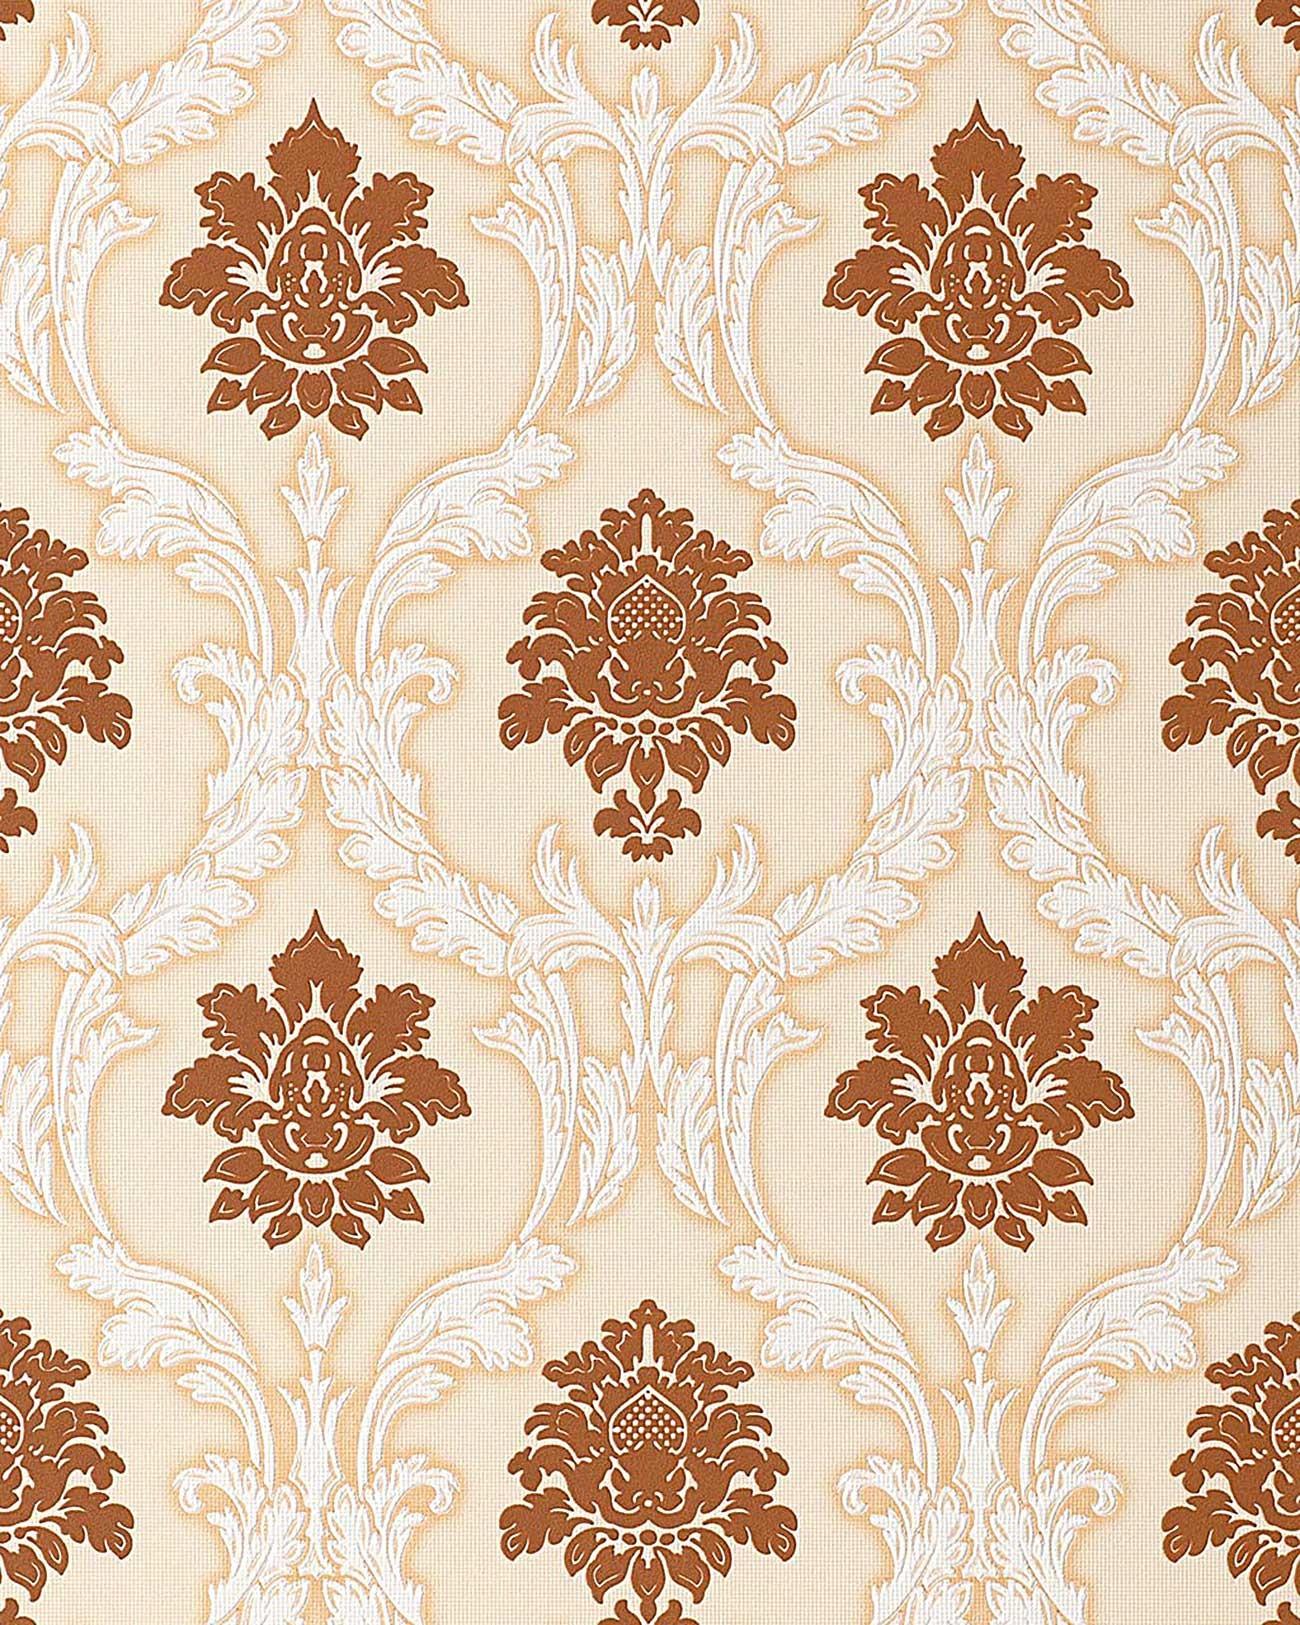 Papel pintado dise o barroco damasco edem 052 21 - Papel pintado barroco ...